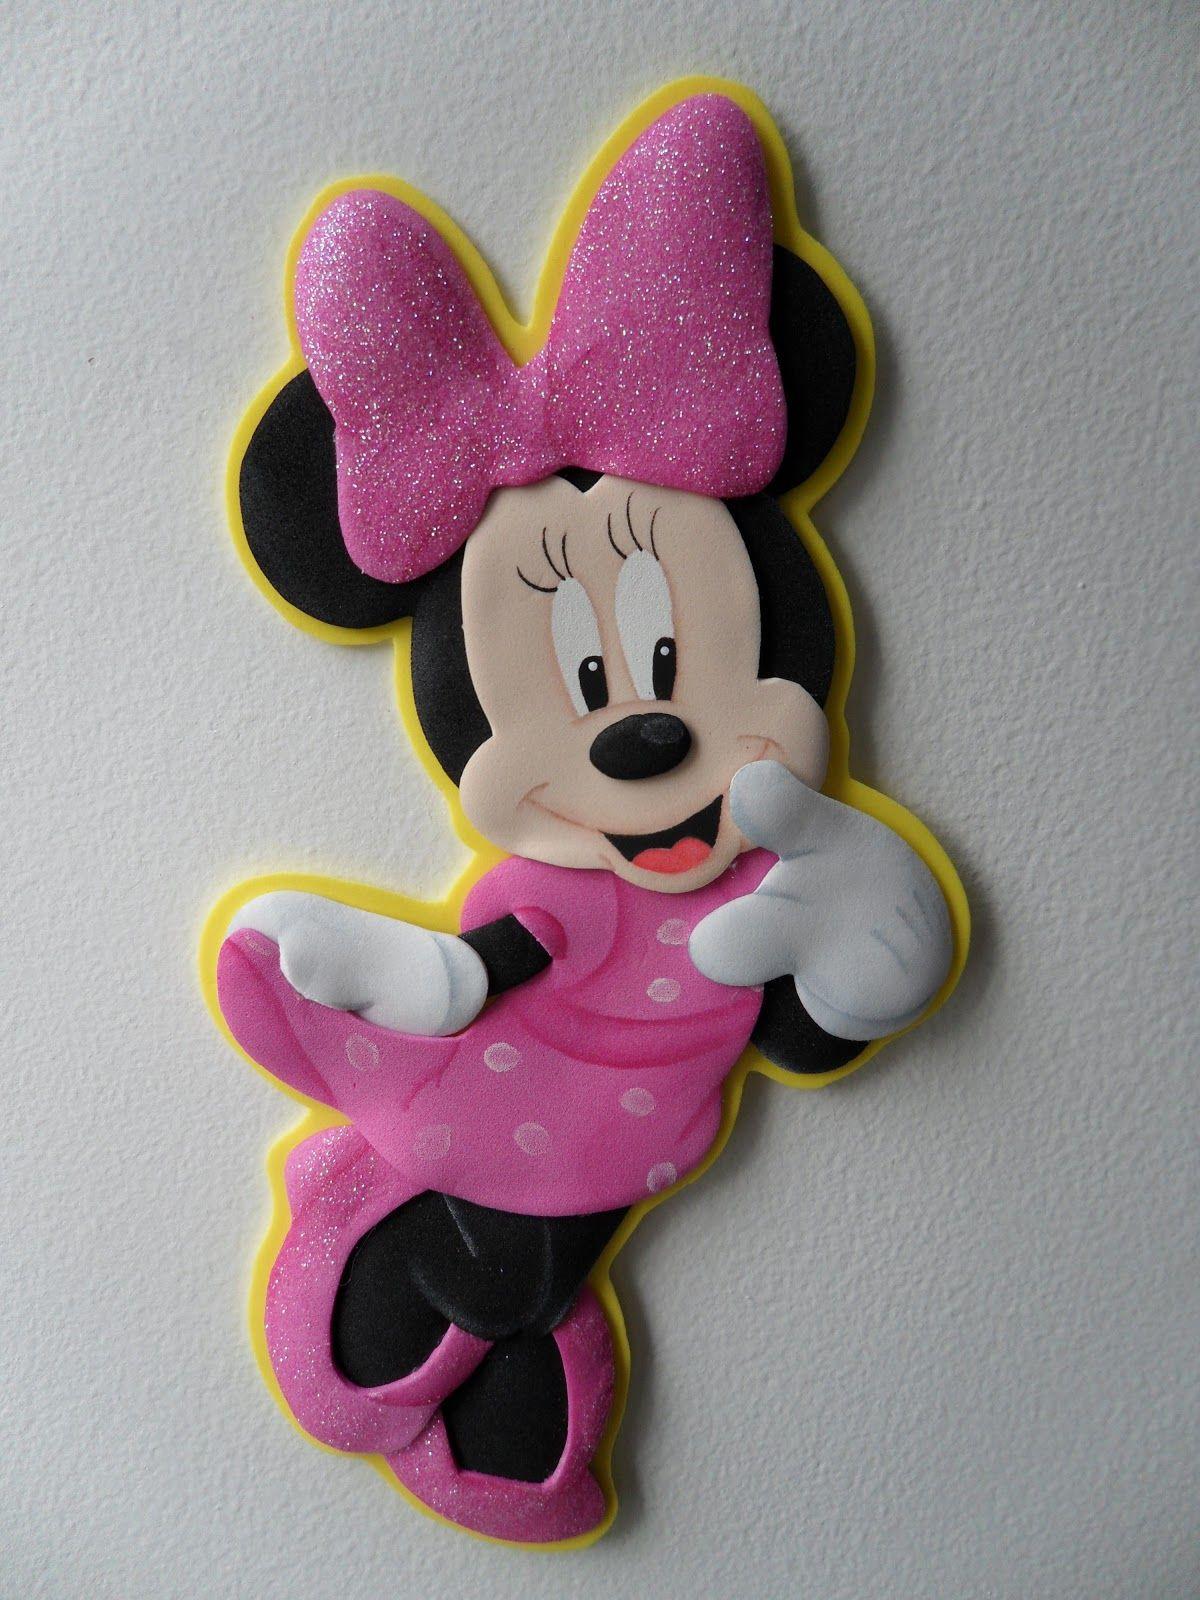 El taller de nana minnie molde rosa pinterest - Manualidades minnie mouse ...